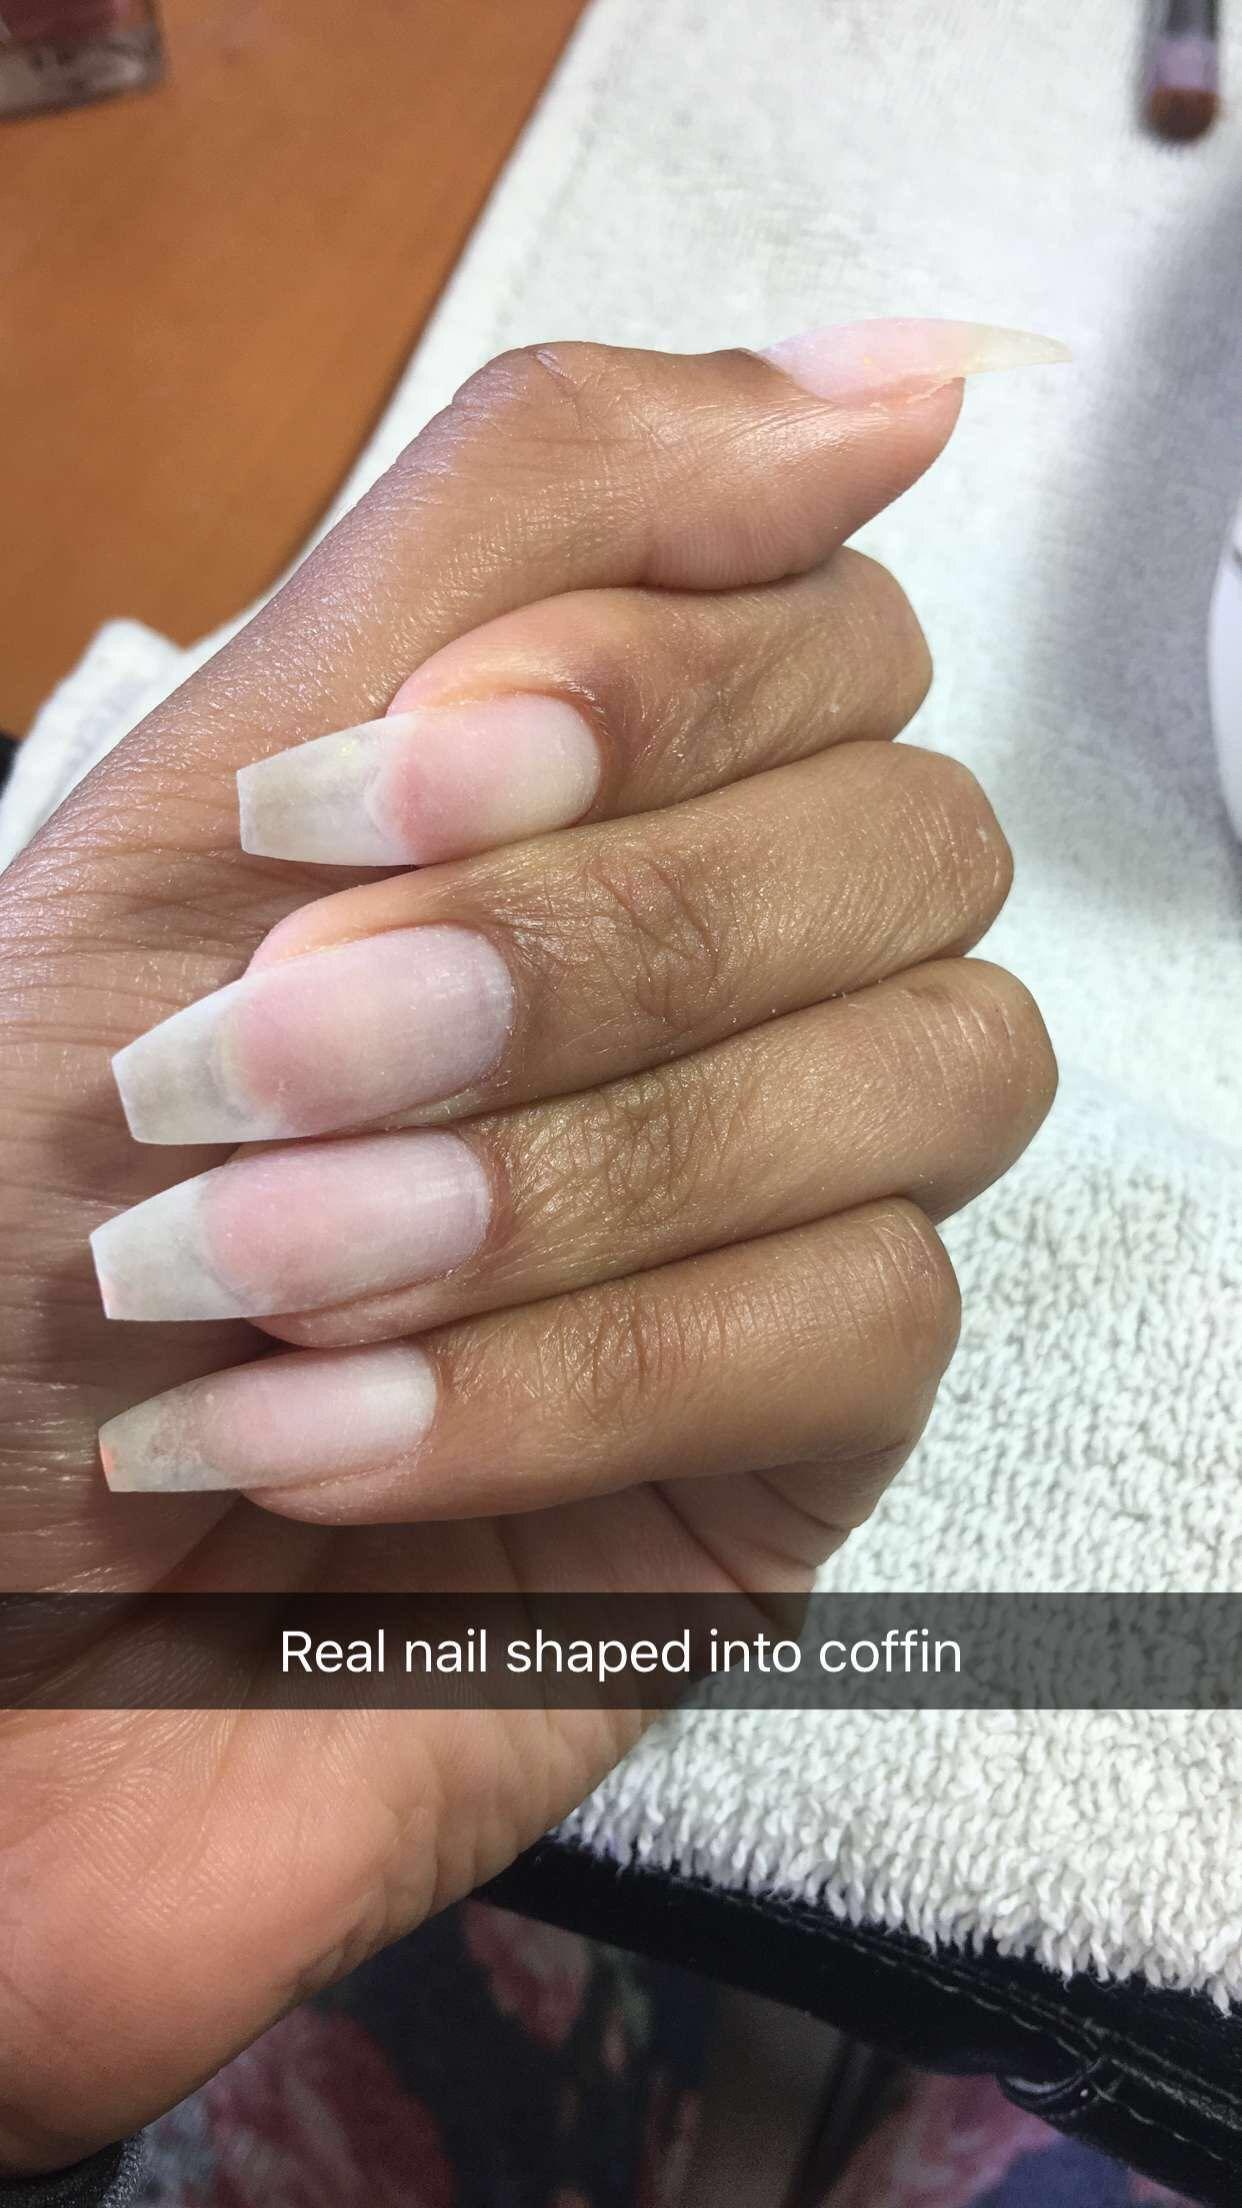 No Acrylic Real Natural Nail Natural Nails Pretty Nails Plain Acrylic Nails